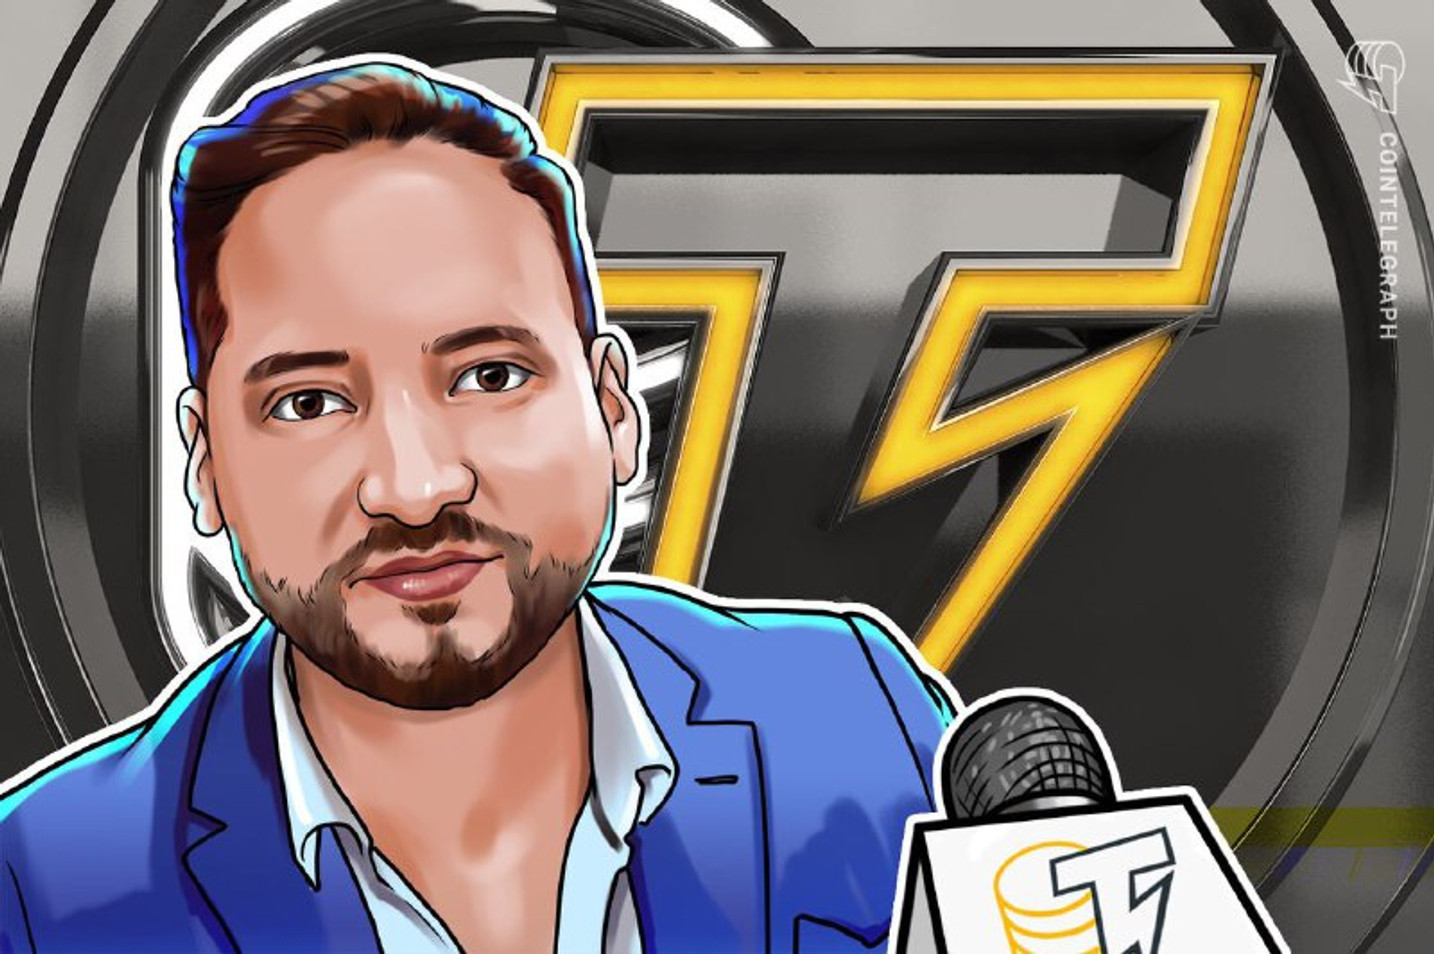 """VP de operaciones de PrimeXBT en Latam: """"Es muy probable que Bitcoin alcance los 100,000 dólares el próximo año"""""""